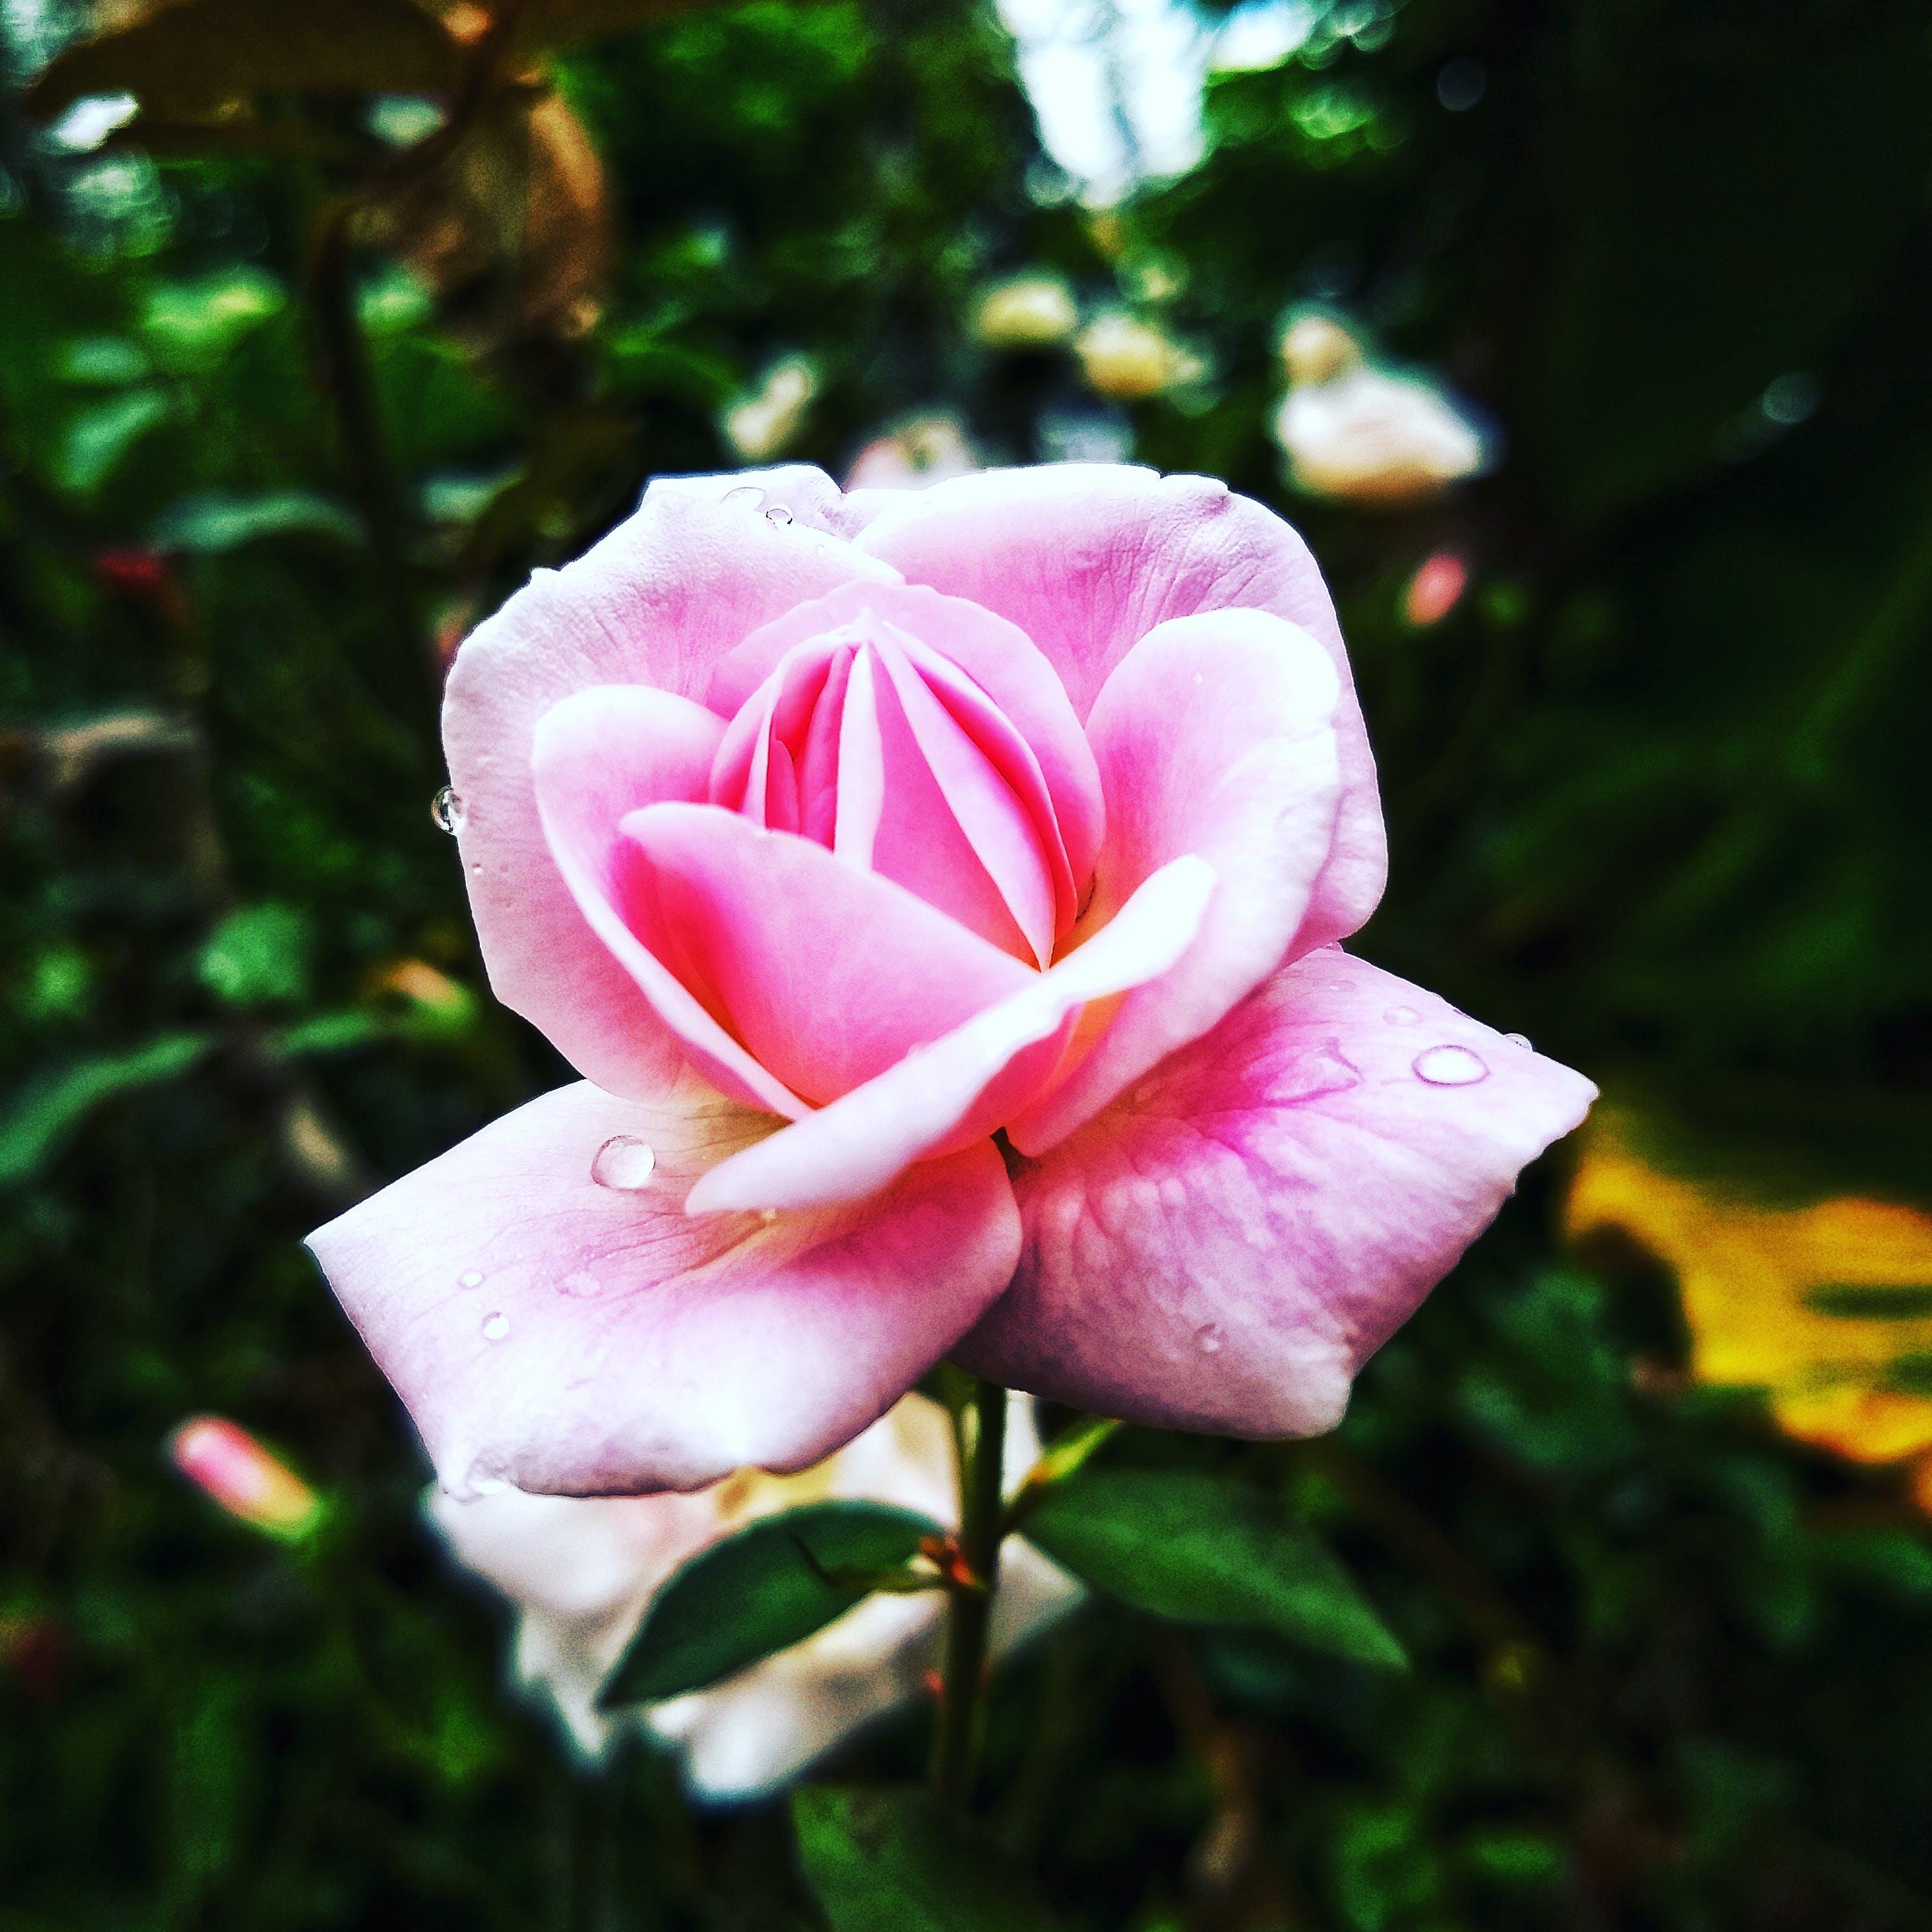 ぼかし, パーク, ピンクのバラ, フローラの